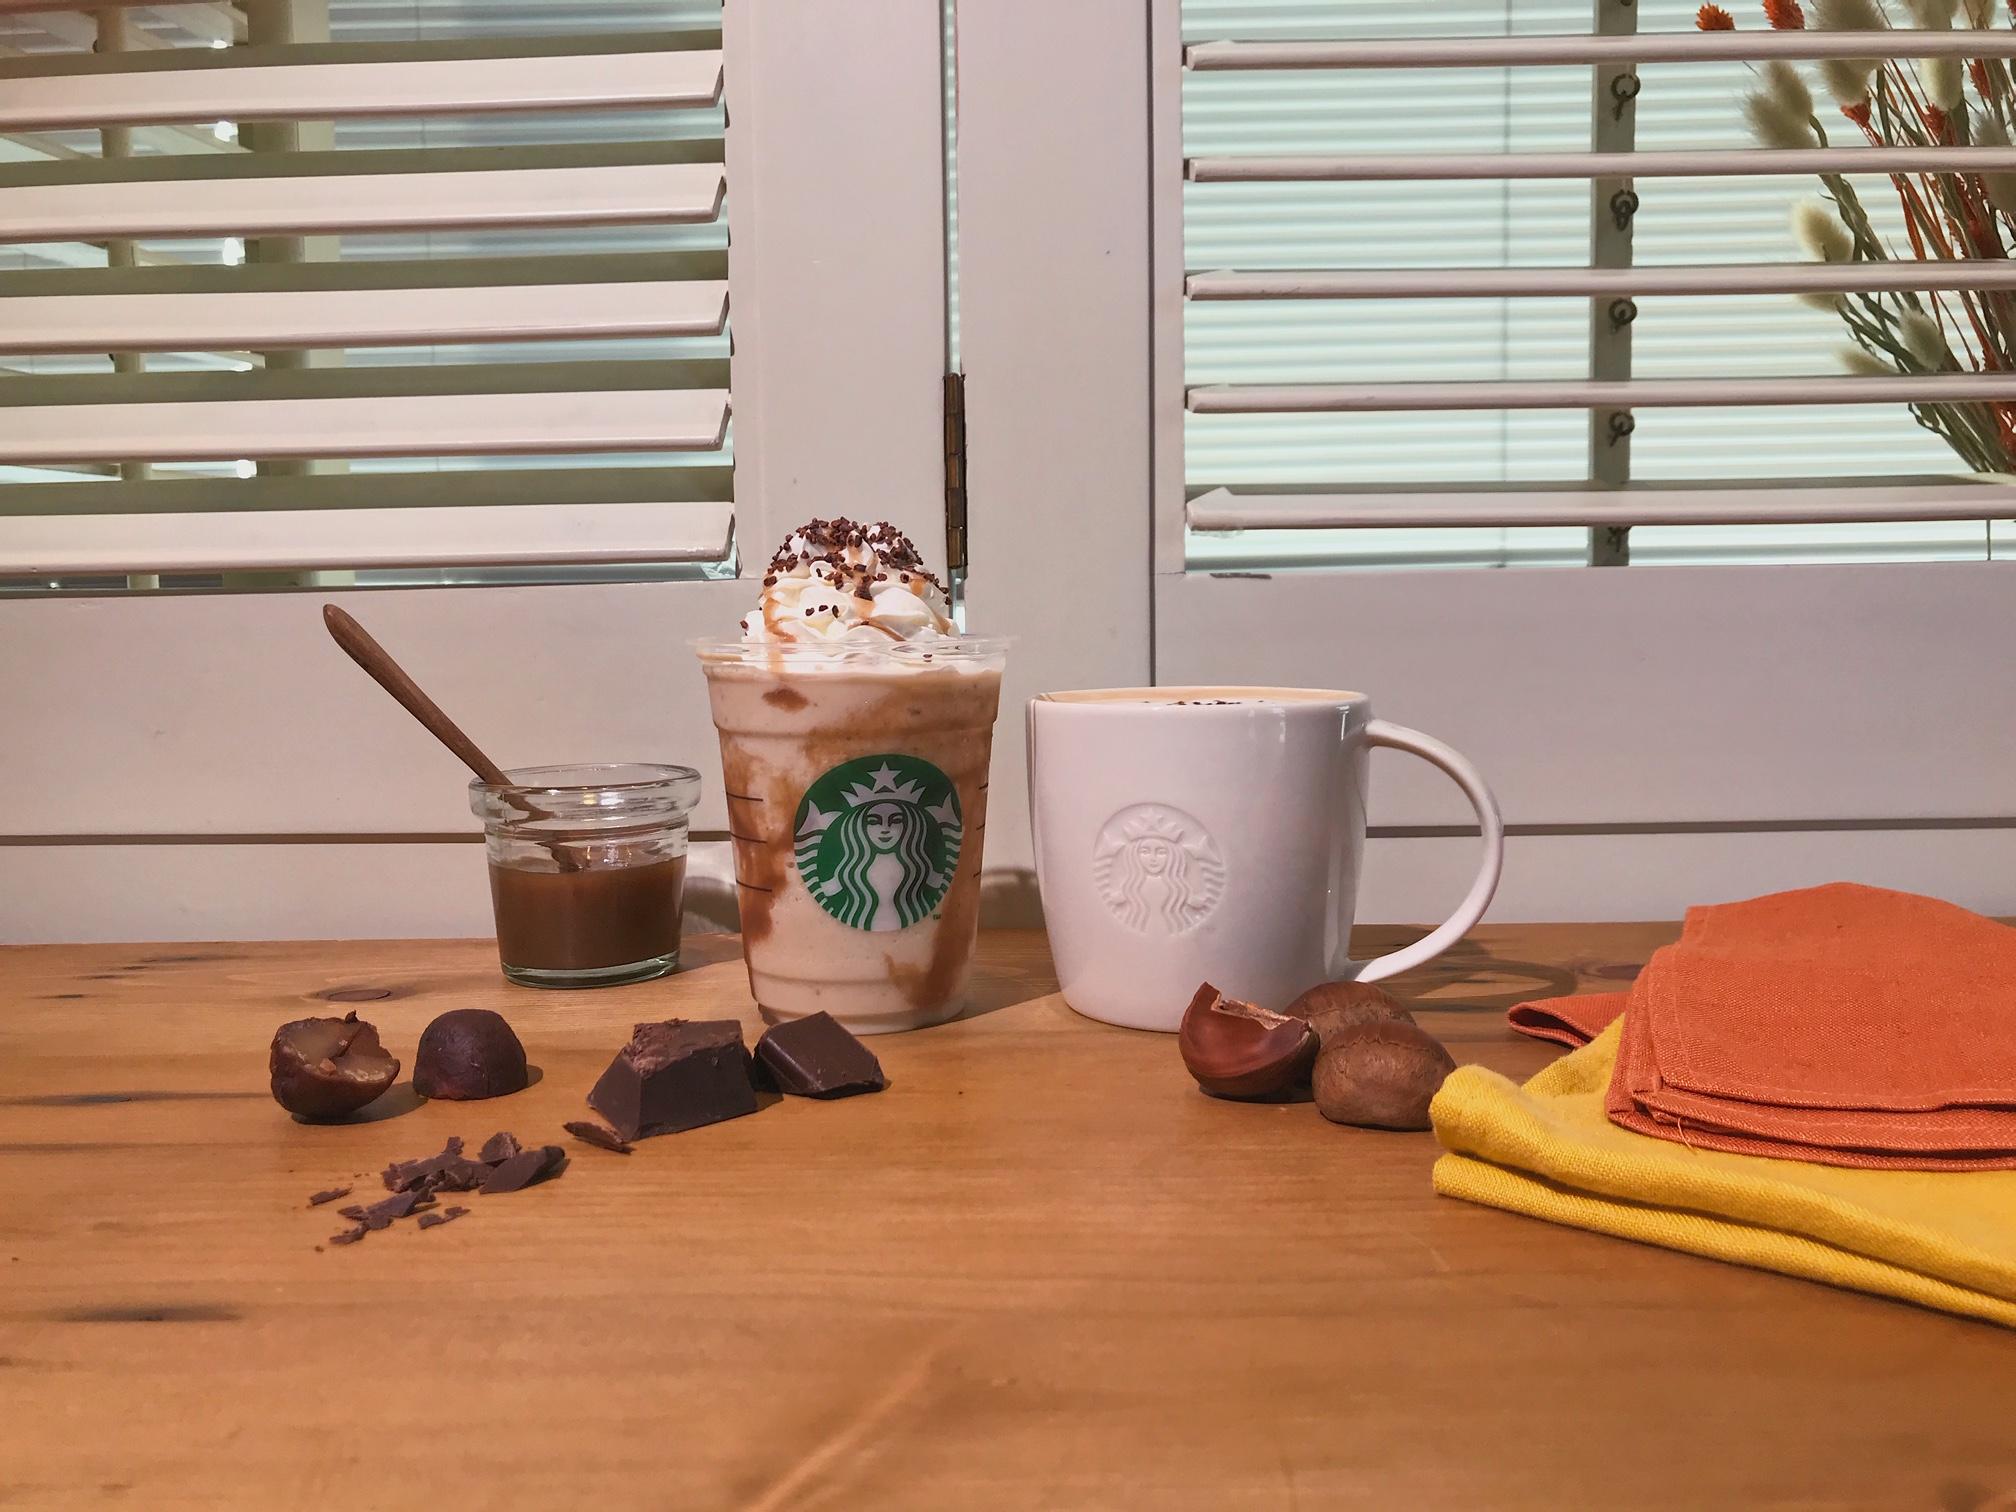 【スタバ 新作レポ】栗がまるごと! 「チョコレート マロン フラペチーノ」がおいしすぎる♡ おすすめカスタマイズや注目スイーツも_1